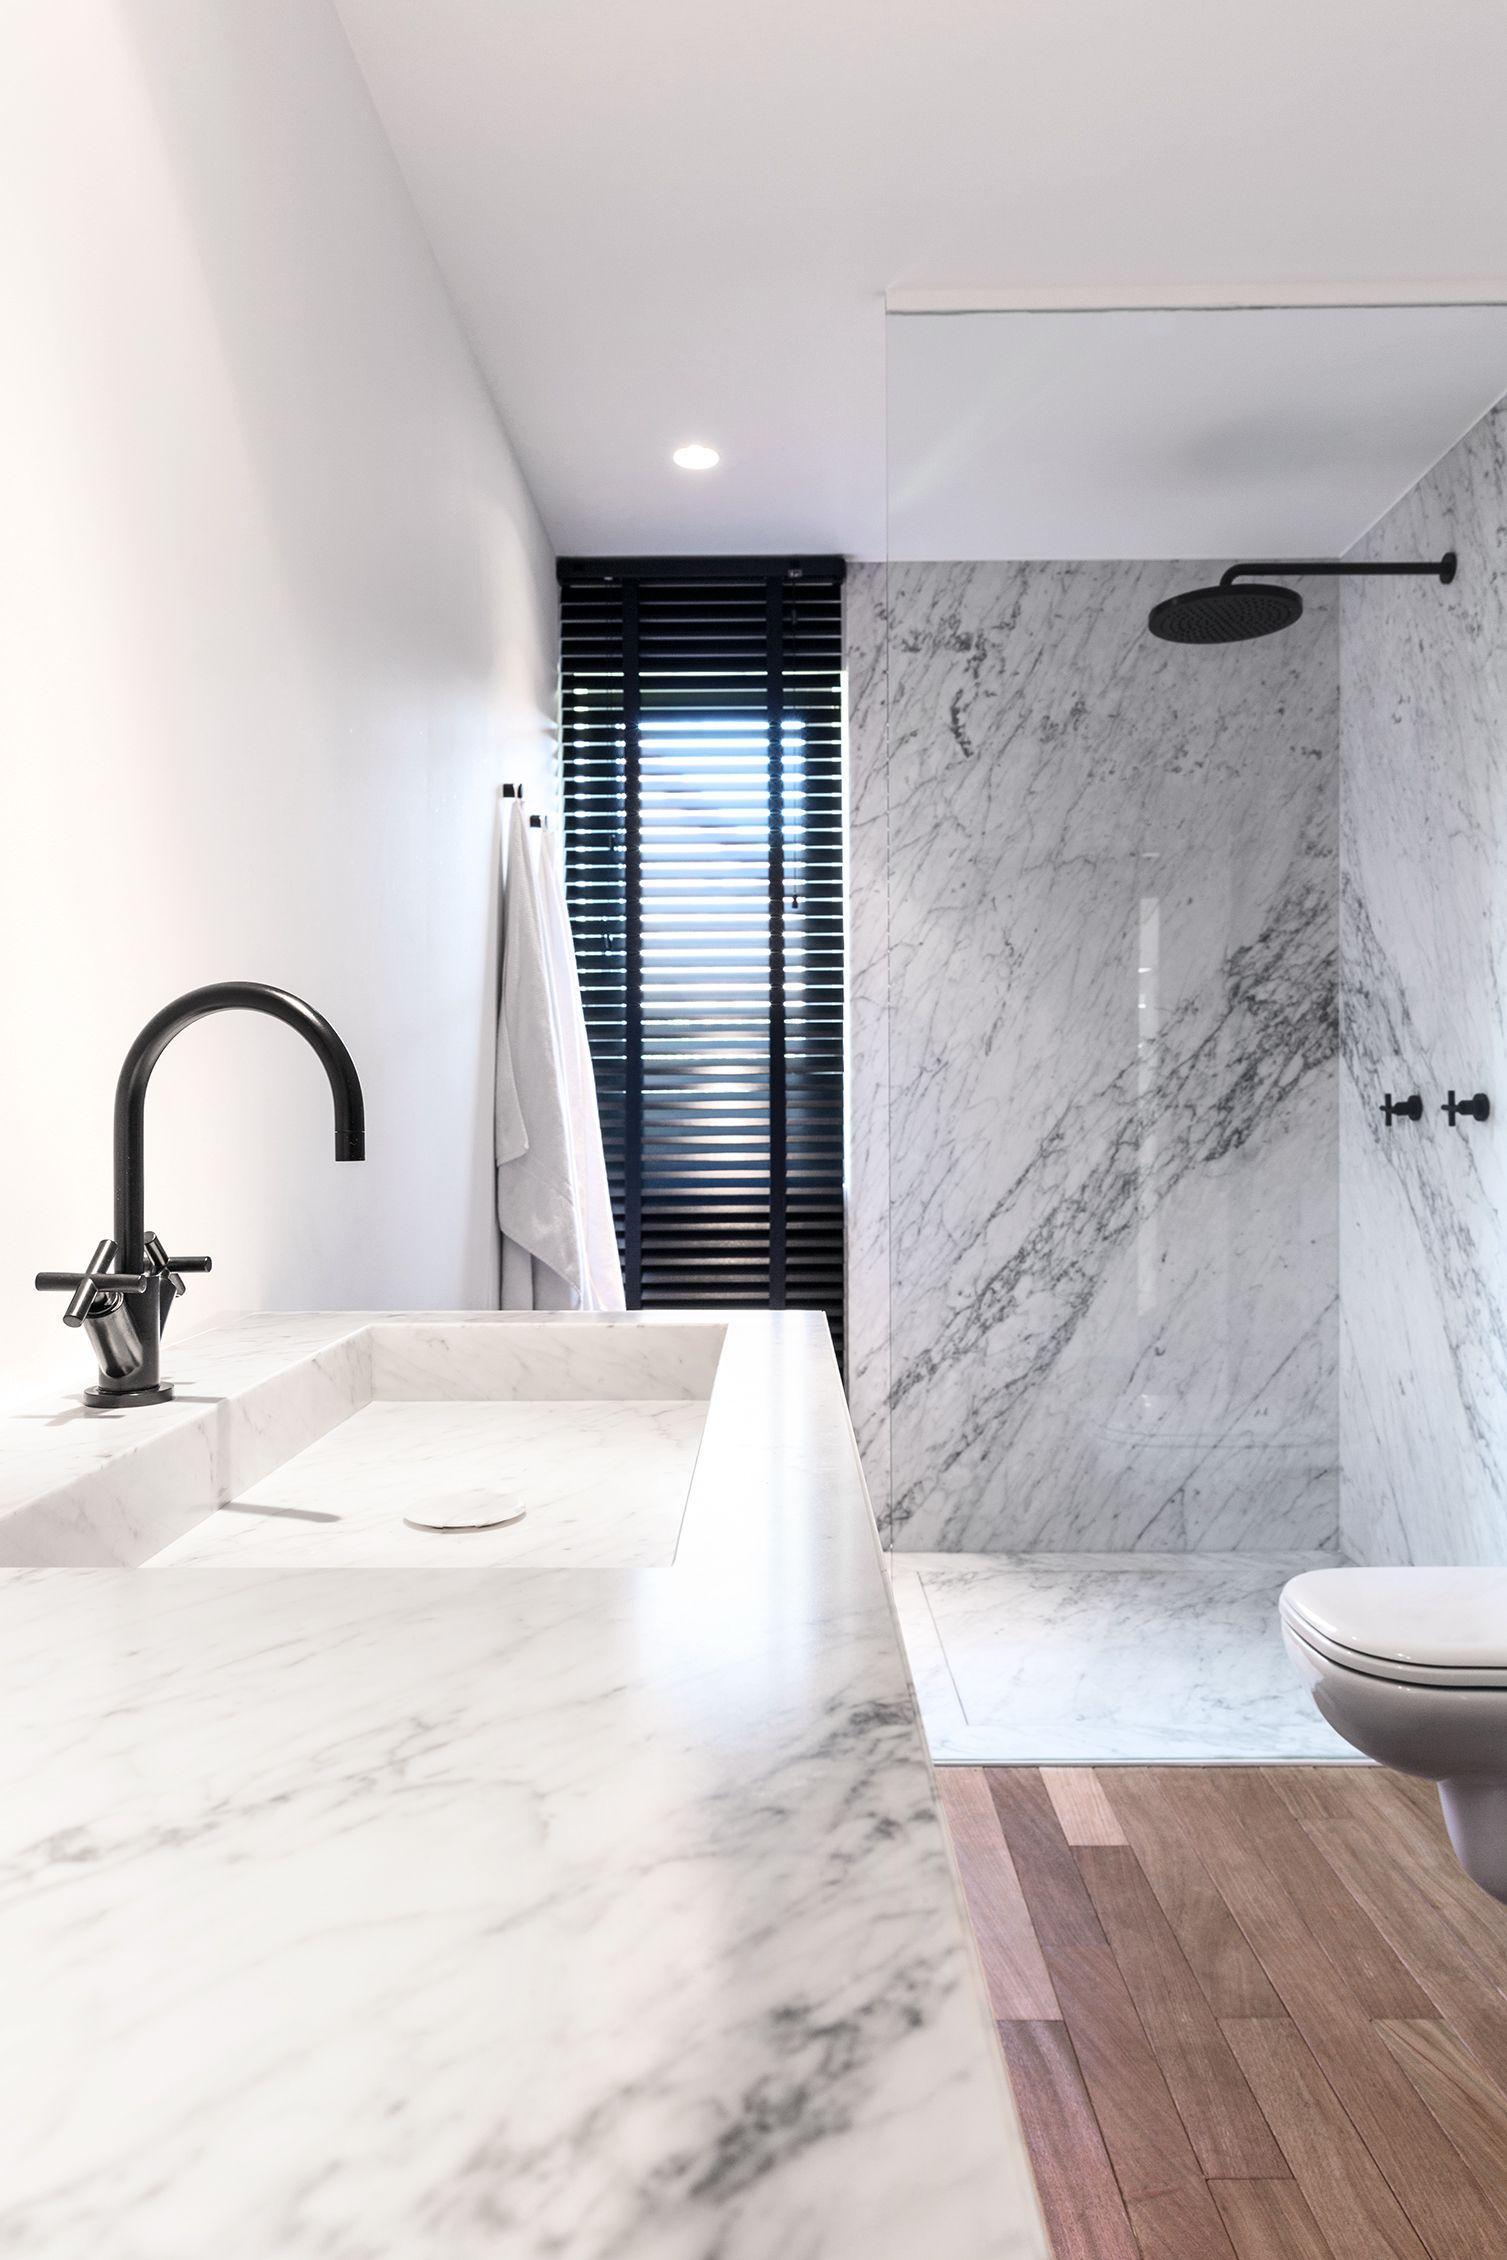 Badezimmer dekor mit fliesen that shower  bathroom  pinterest  waschtisch badezimmer und bäder